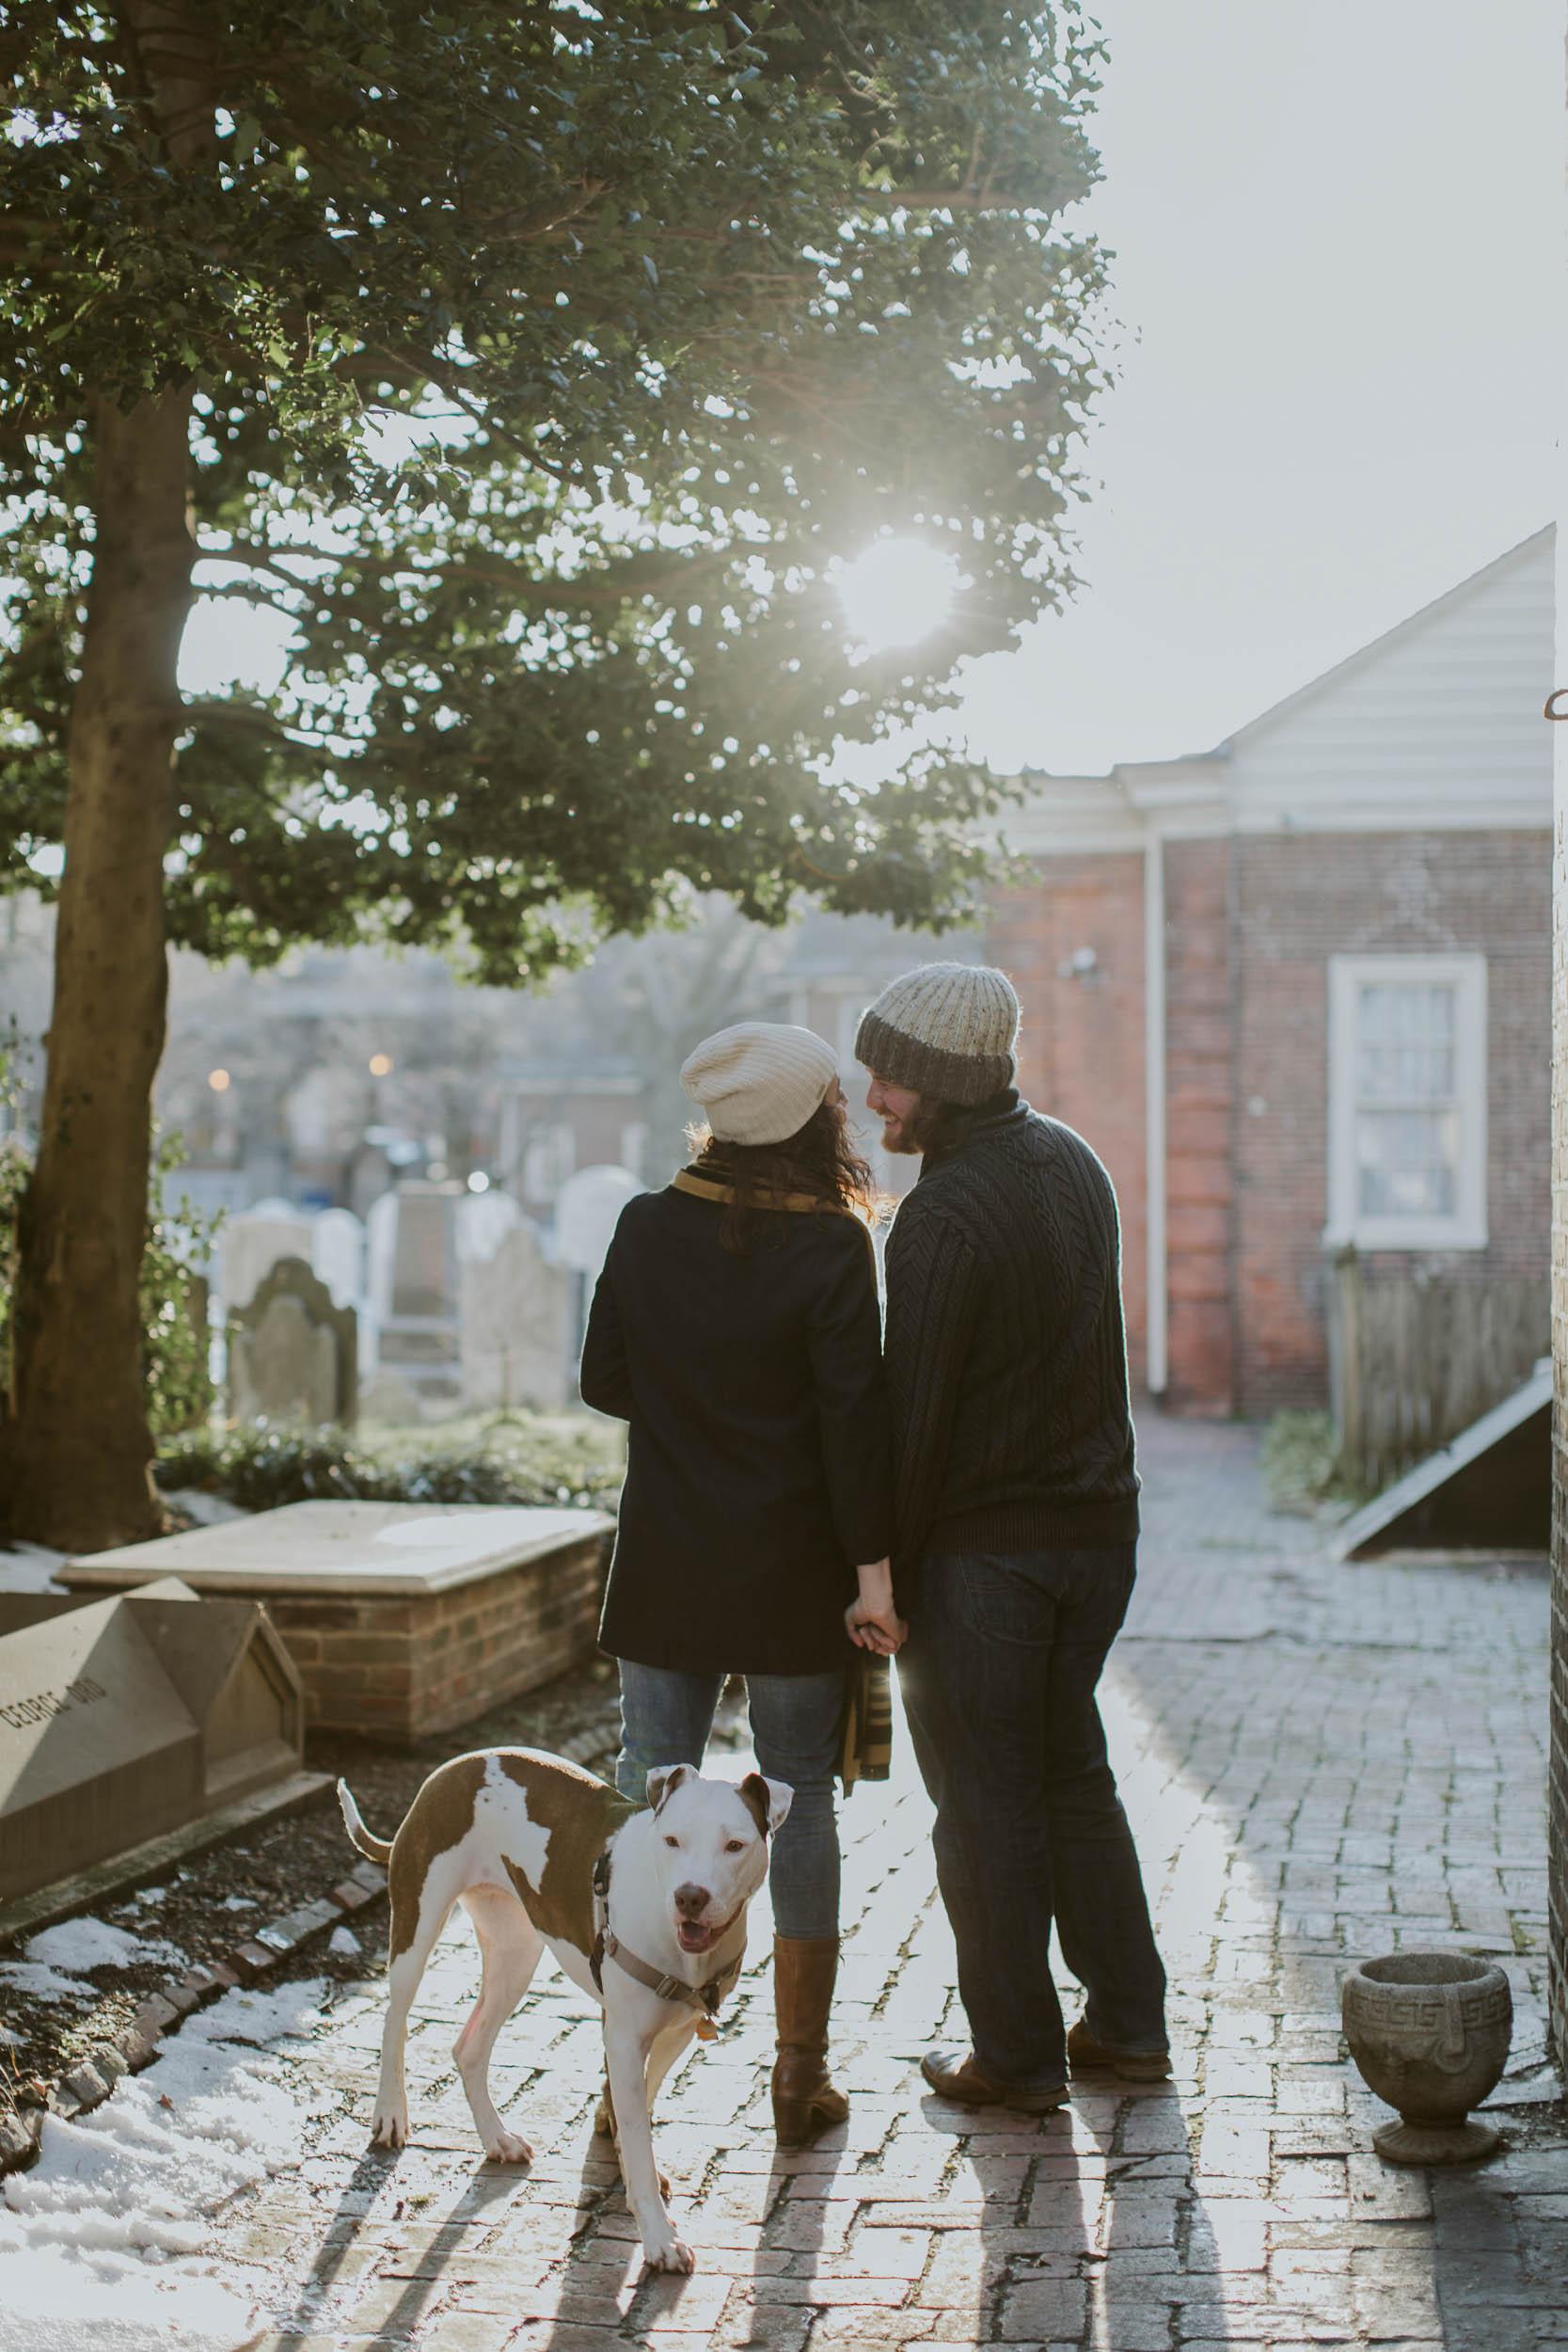 Kristen-Humbert-Family-Photoshoot-Philadelphia_Ruby-James-W-2-30.jpg